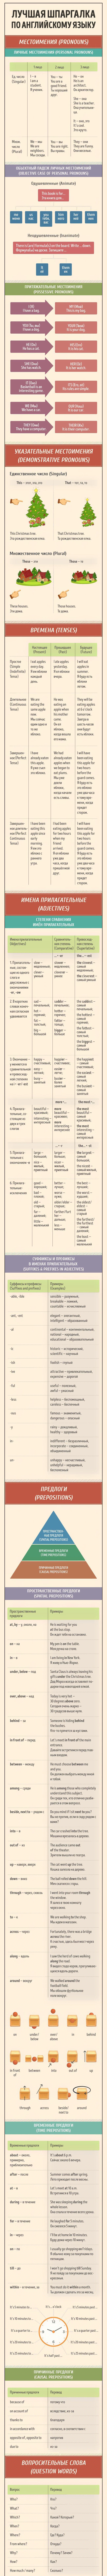 Шпаргалка по всем трудностям английского языка